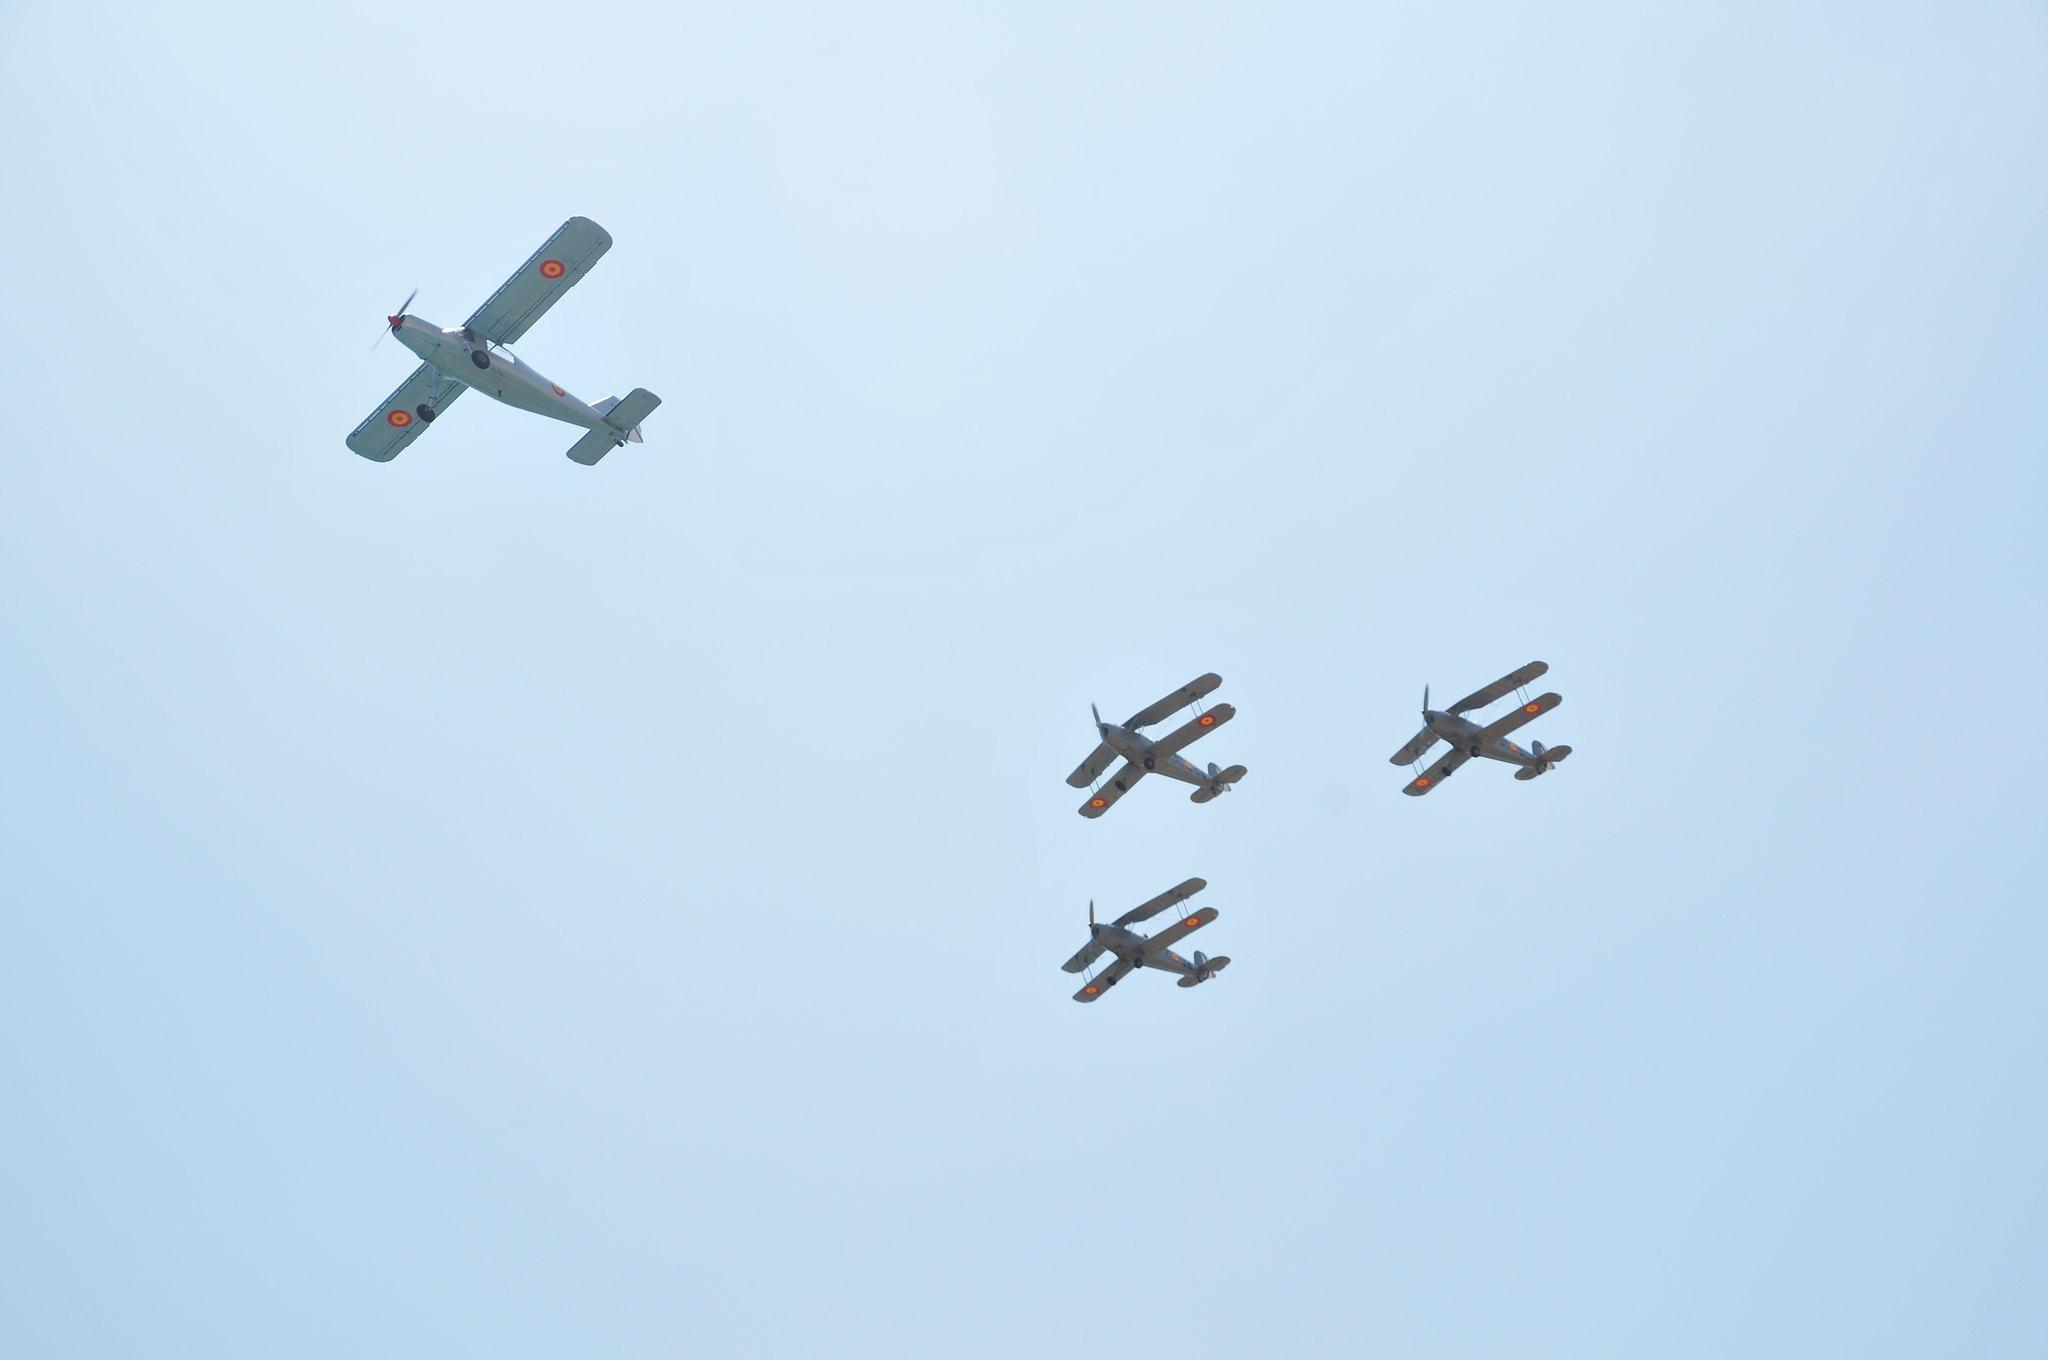 Una de las formaciones de aviones históricos que voló sobre la Academia General